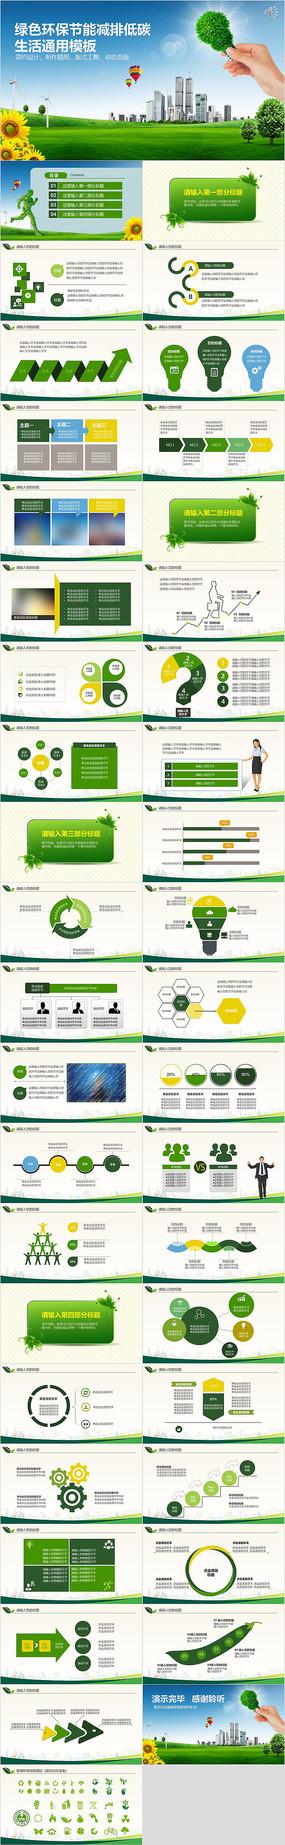 绿色环保节能减排低碳生活宣传PPT